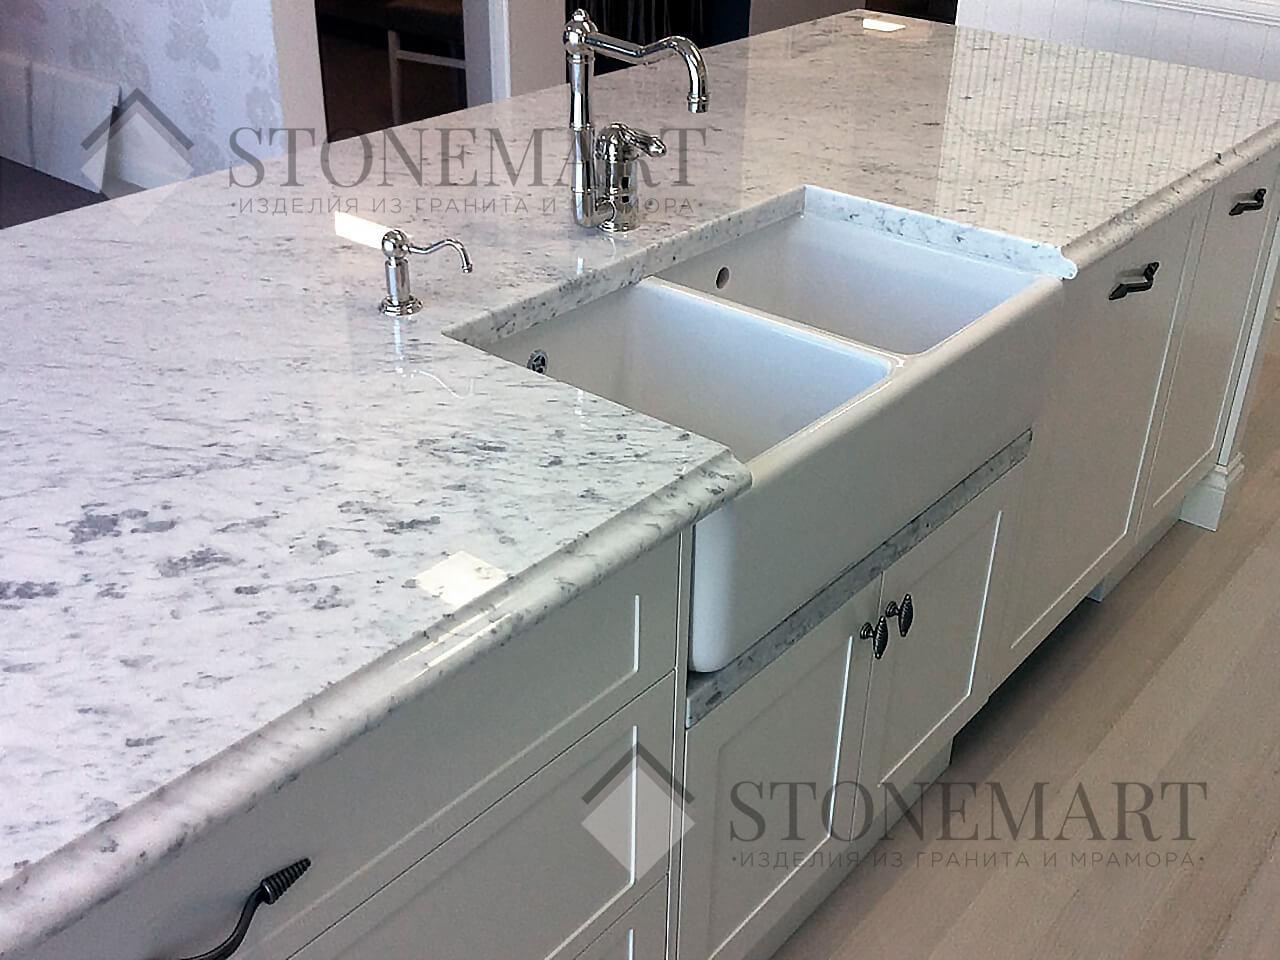 Столешница из мрамора Bianco Carrara (Италия). Цвет: белый (светло-серый) с темными прожилками и вкраплениями разных размеров.